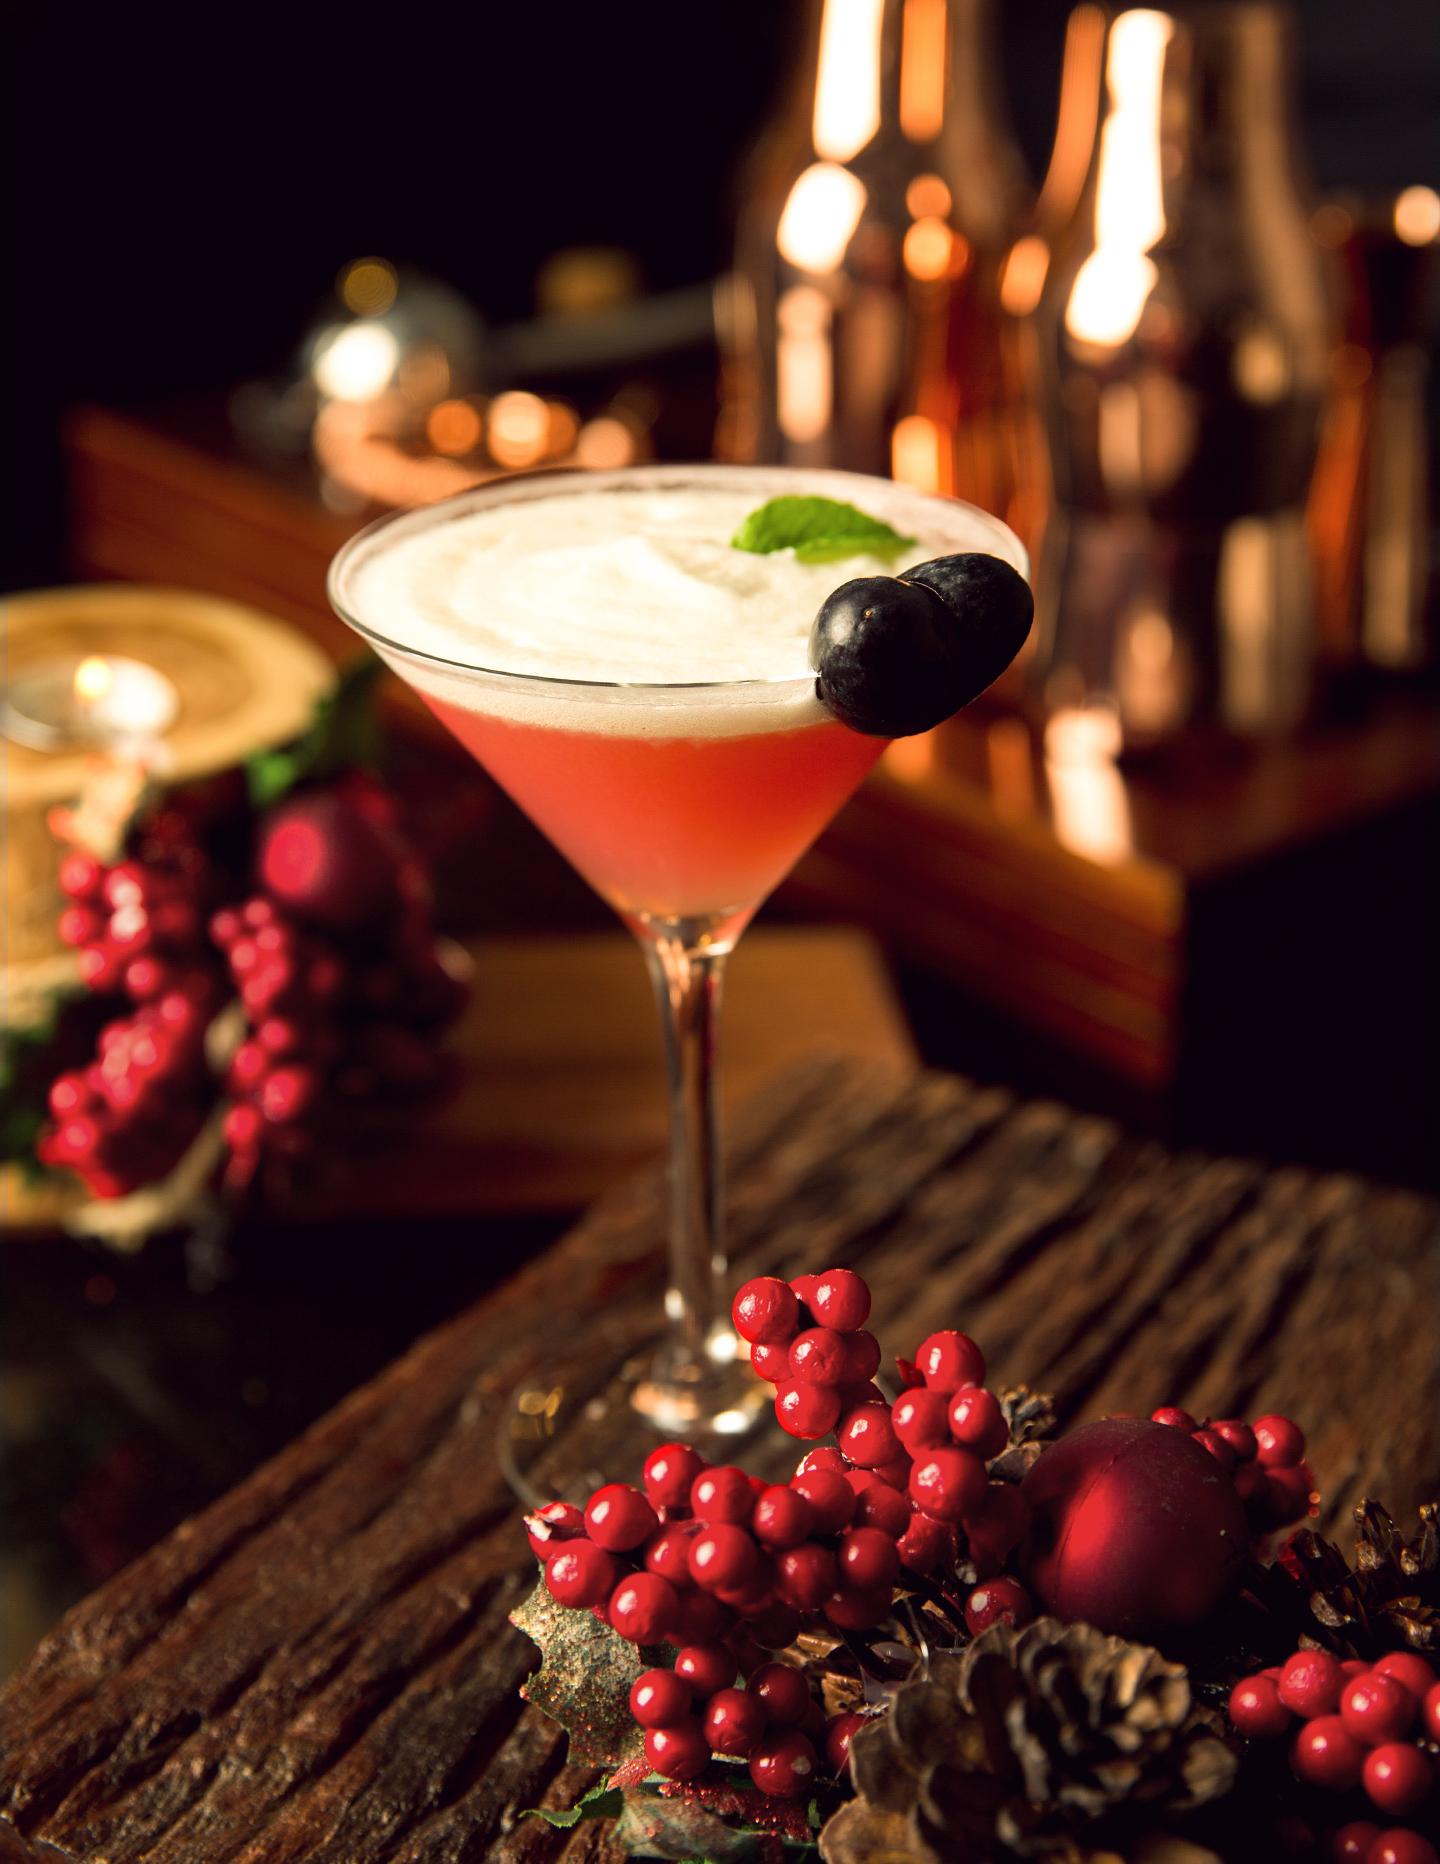 CHLOE O'Clock - Sunset Bar